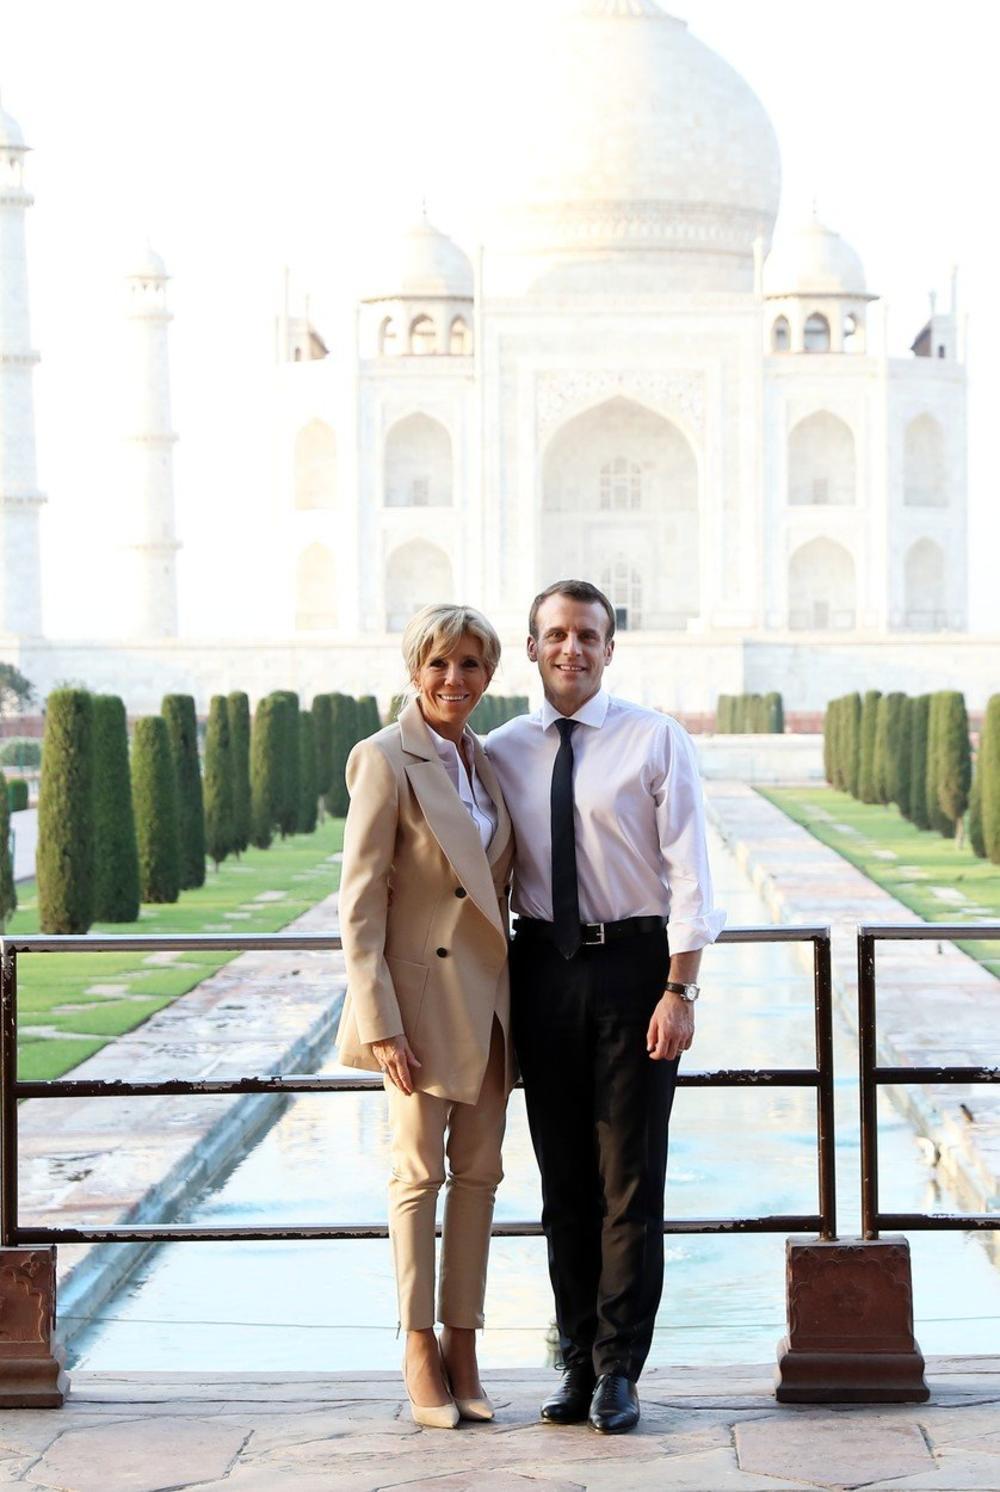 brzinsko druženje u Evansville Indiji 14 godina izlazi 18 godina staro legalno